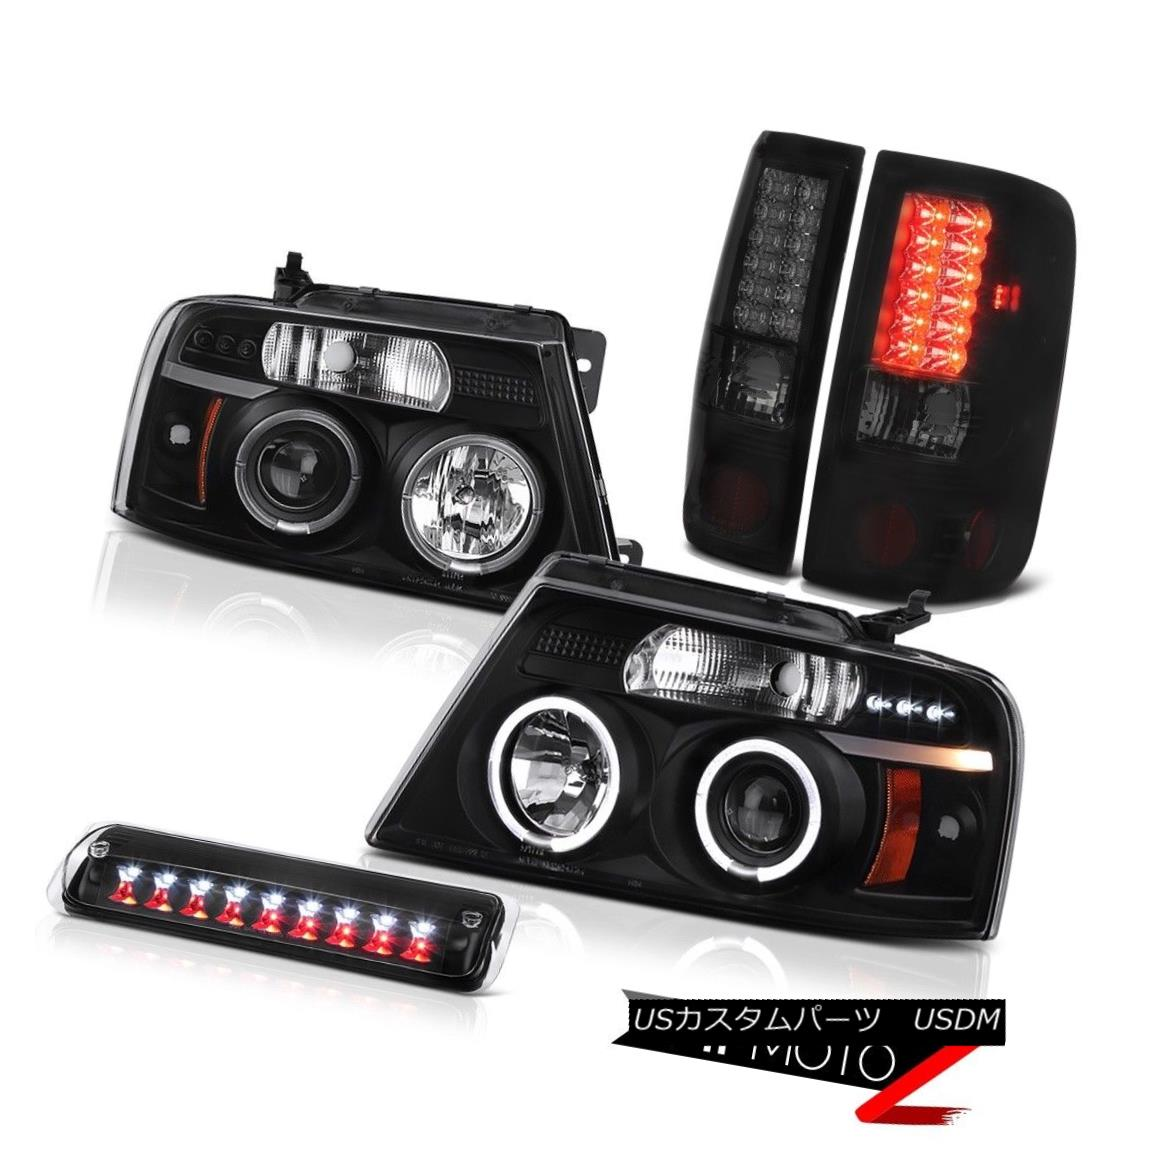 テールライト 04-08 Ford F150 FX4 Black 3RD Brake Light Headlights Rear Lamps LED Angel Eyes 04-08フォードF150 FX4ブラック3RDブレーキライトヘッドライトリアランプLEDエンジェルアイズ